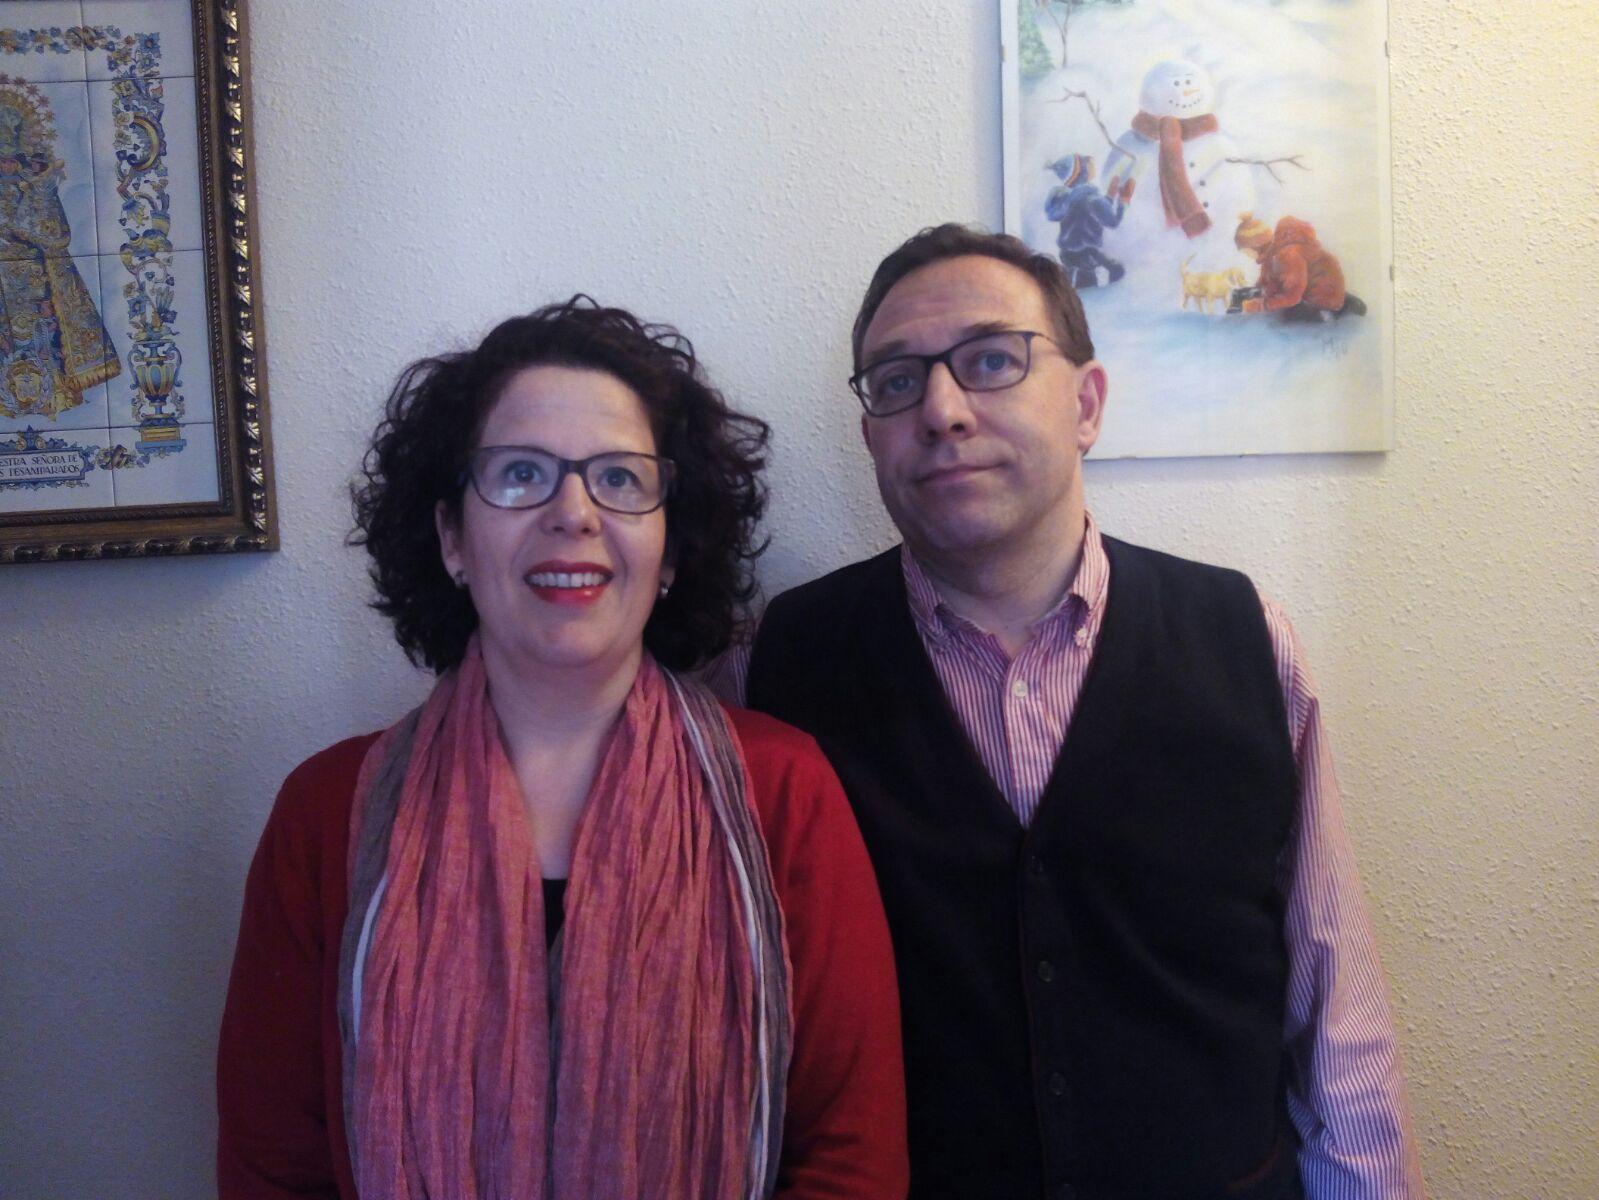 María Dolores y Martín serán los presidentes nacionales del movimiento.